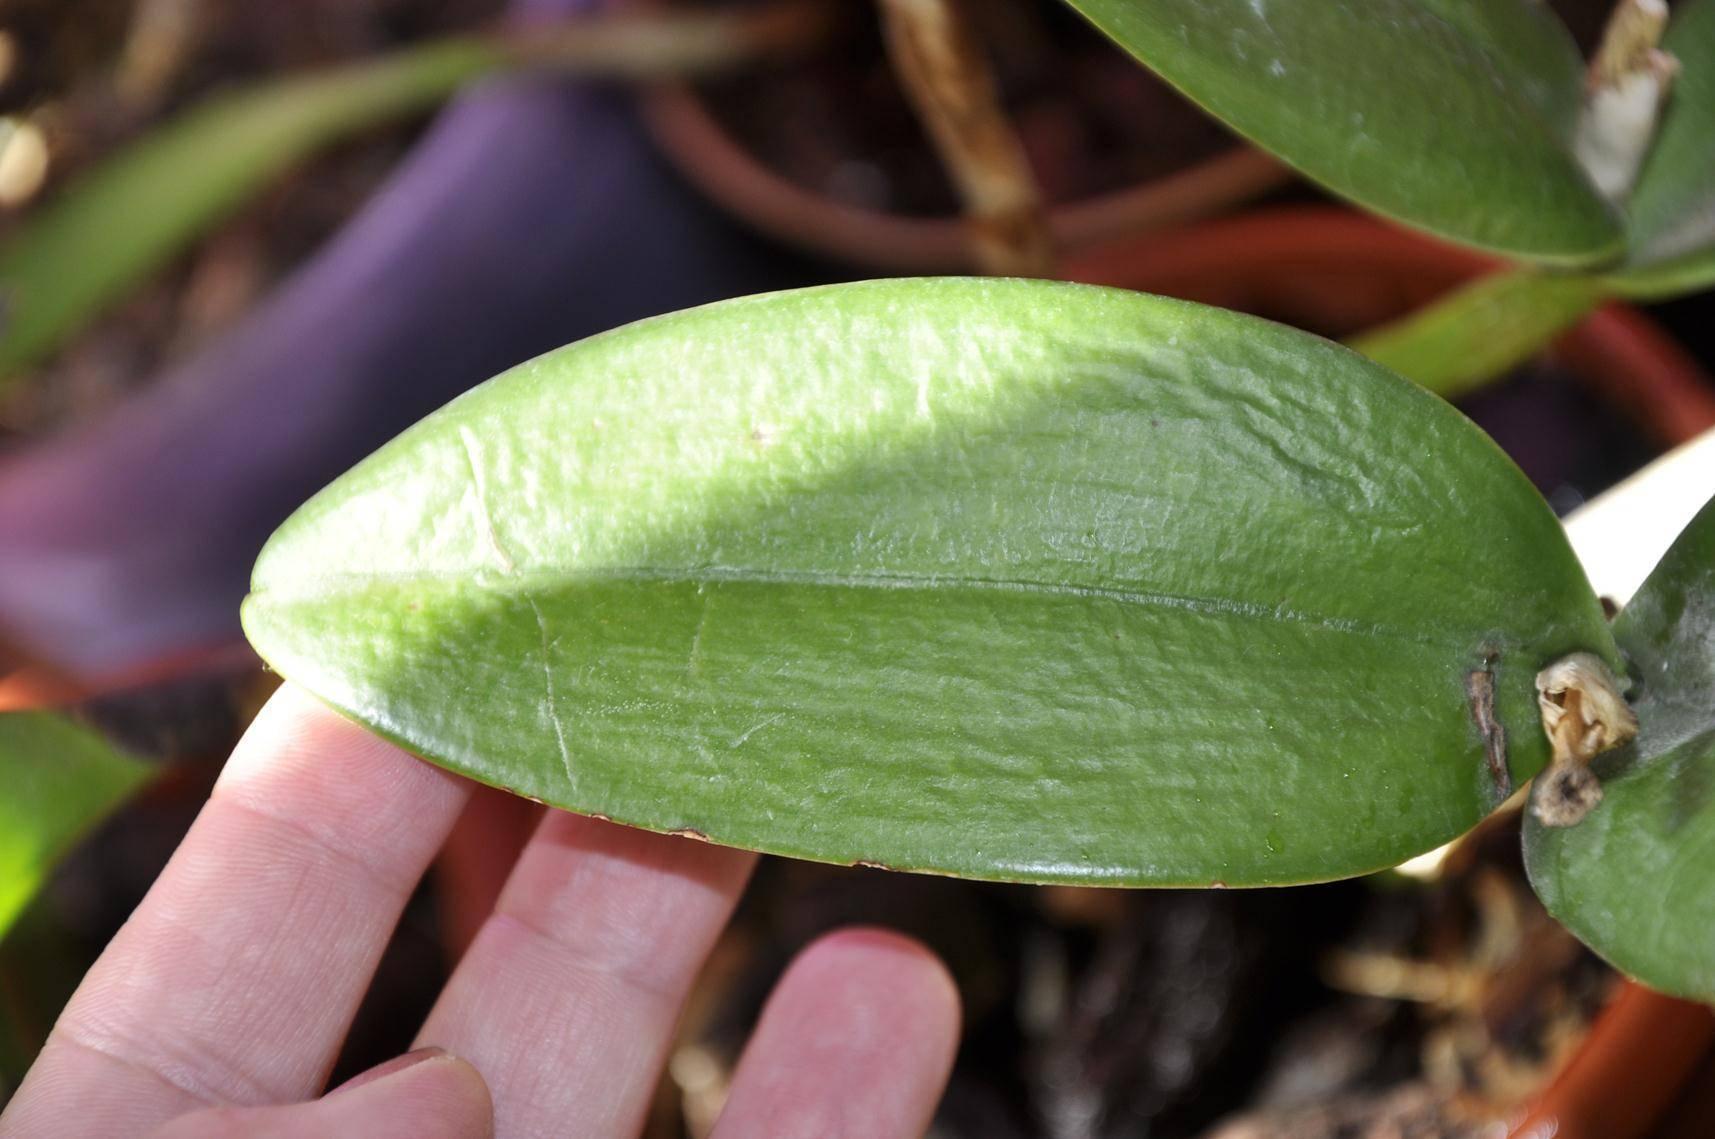 Болезни листьев орхидей фаленопсис и их лечение с фото: почему они чернеют, трескаются, опадают, скручиваются, слишком крупные и другие проблемы